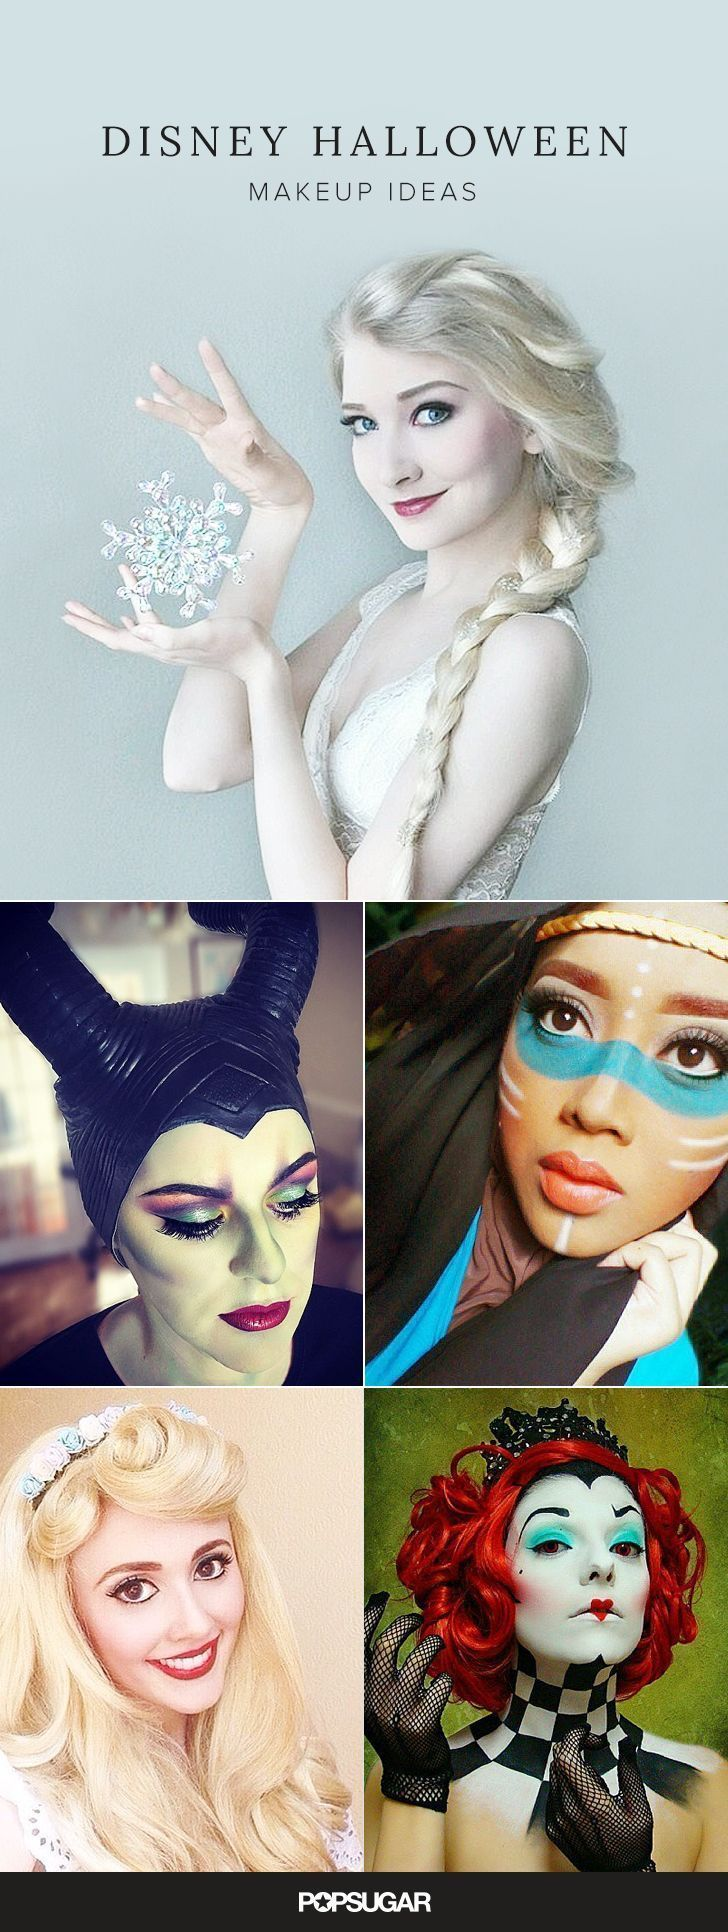 Ideas para maquillarte como algunos de los personajes o princesas de Disney.